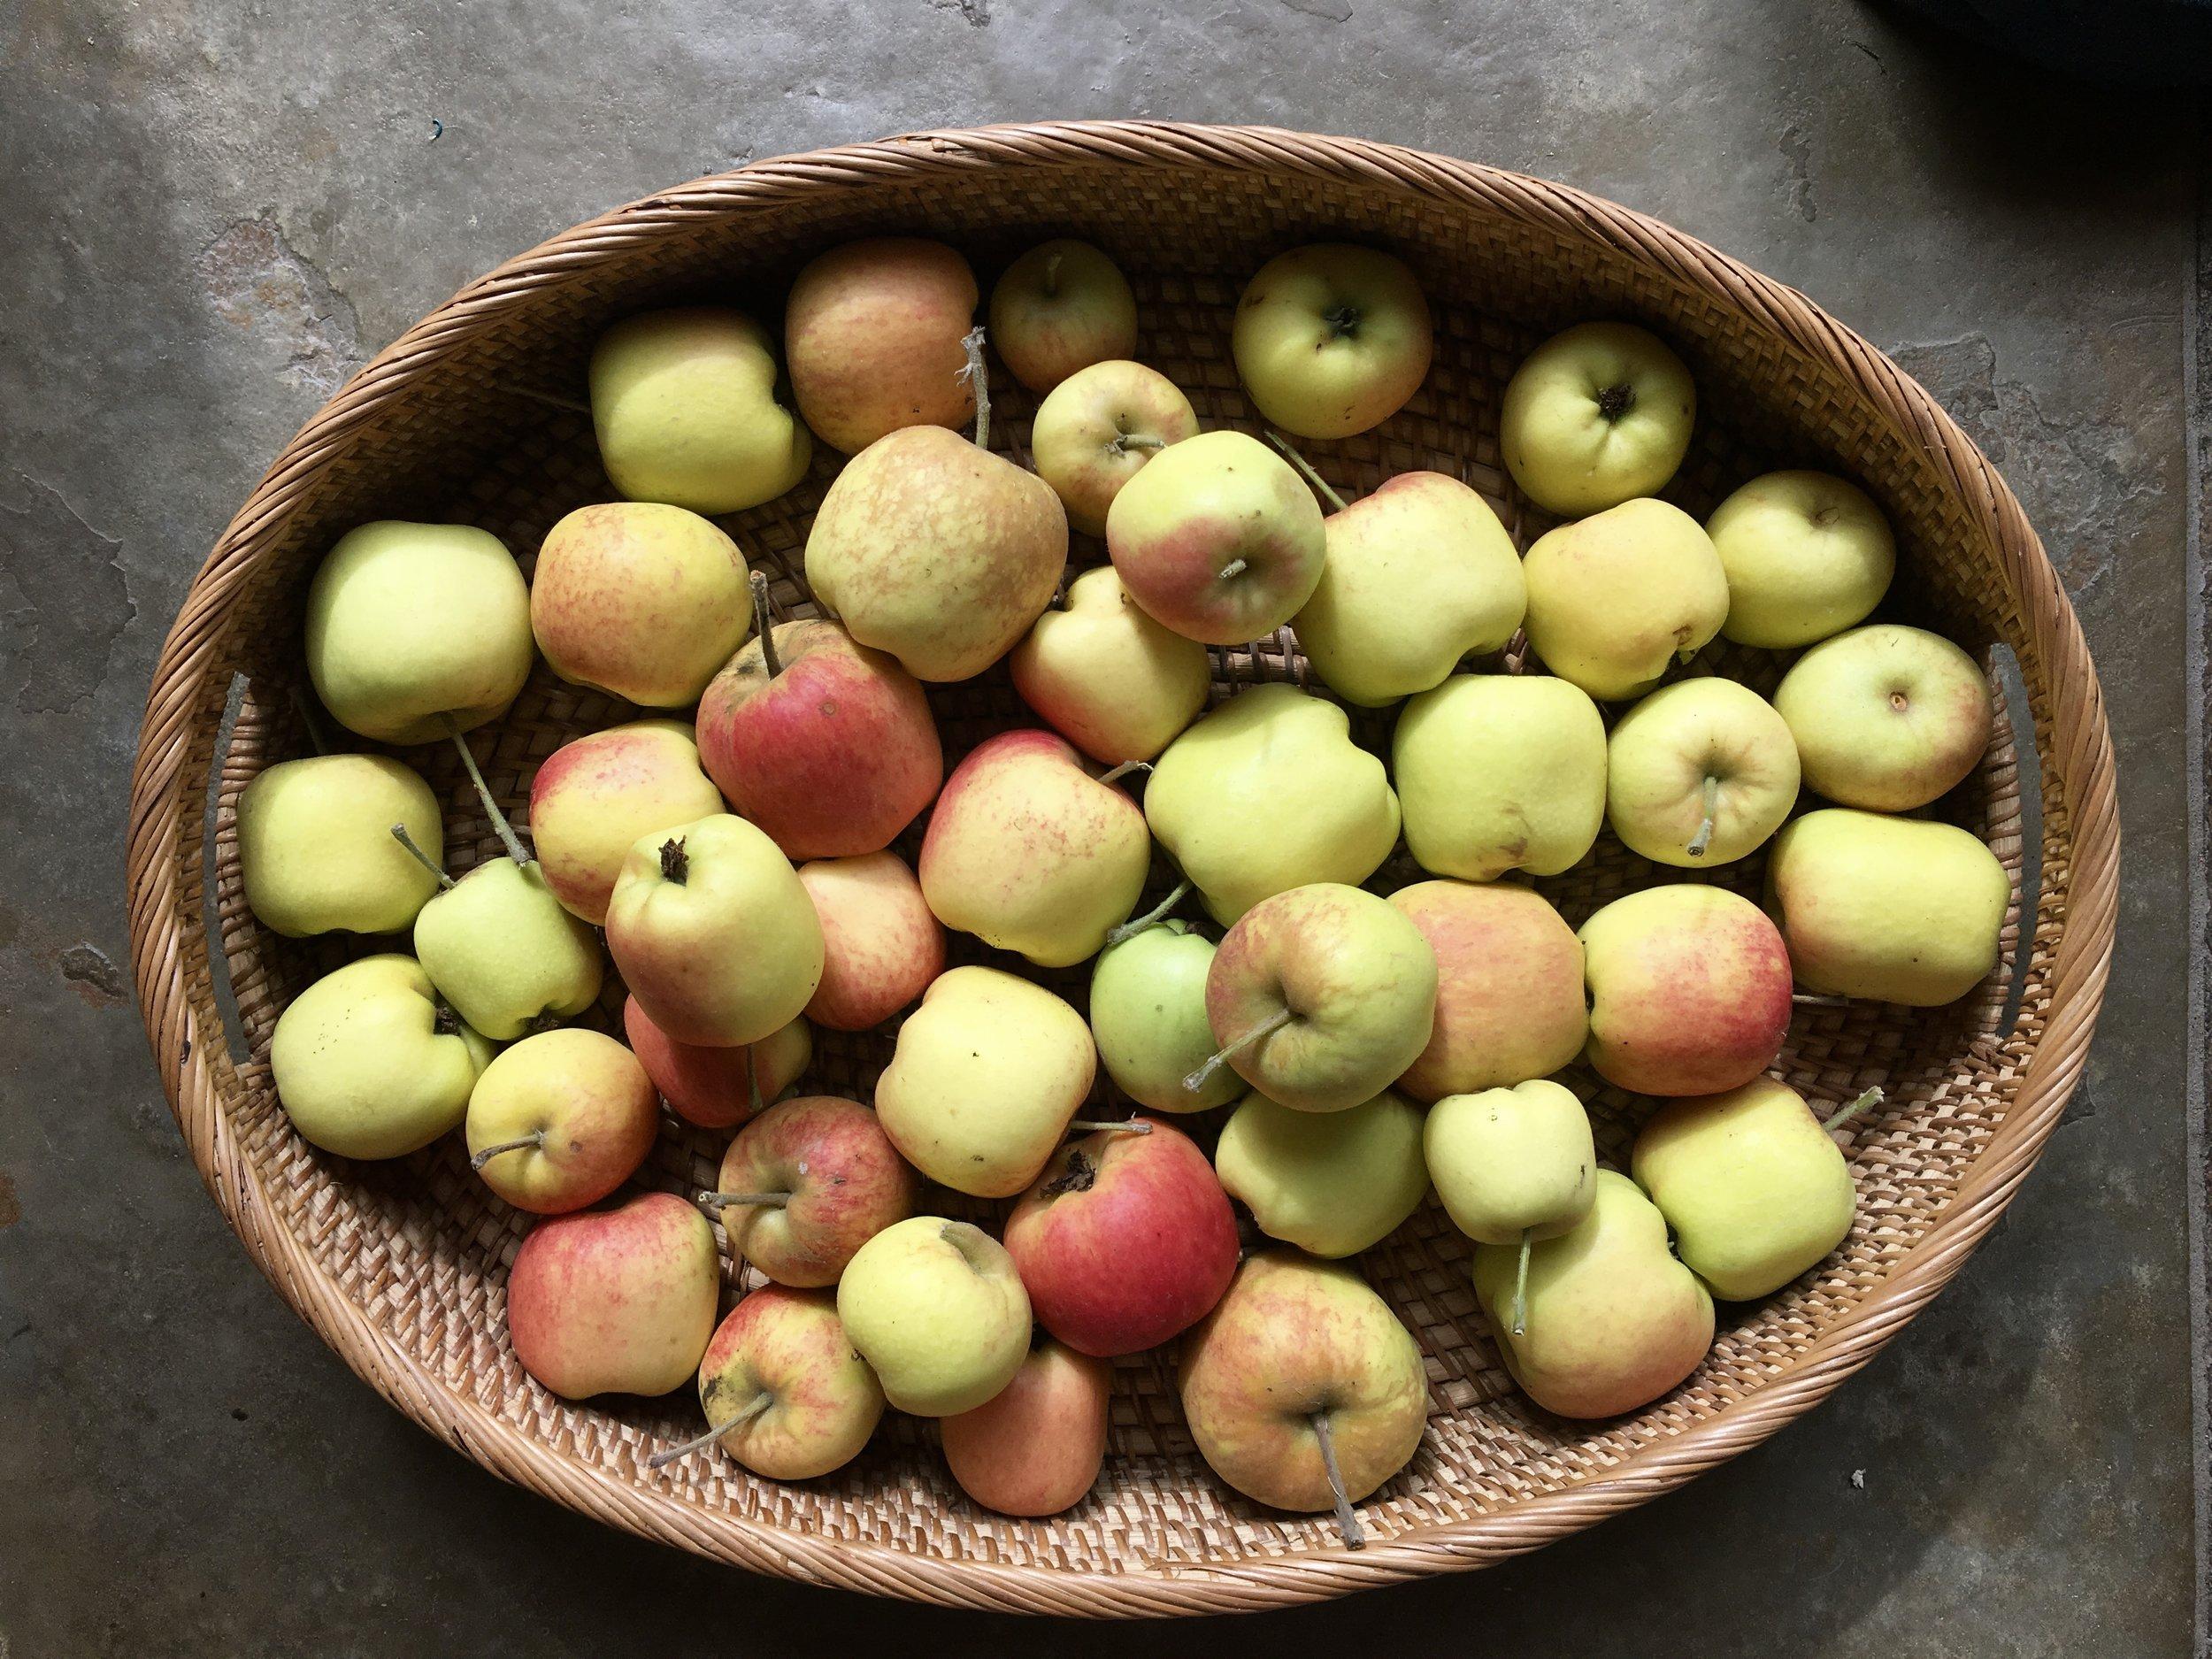 'Dorsett Golden' apples.